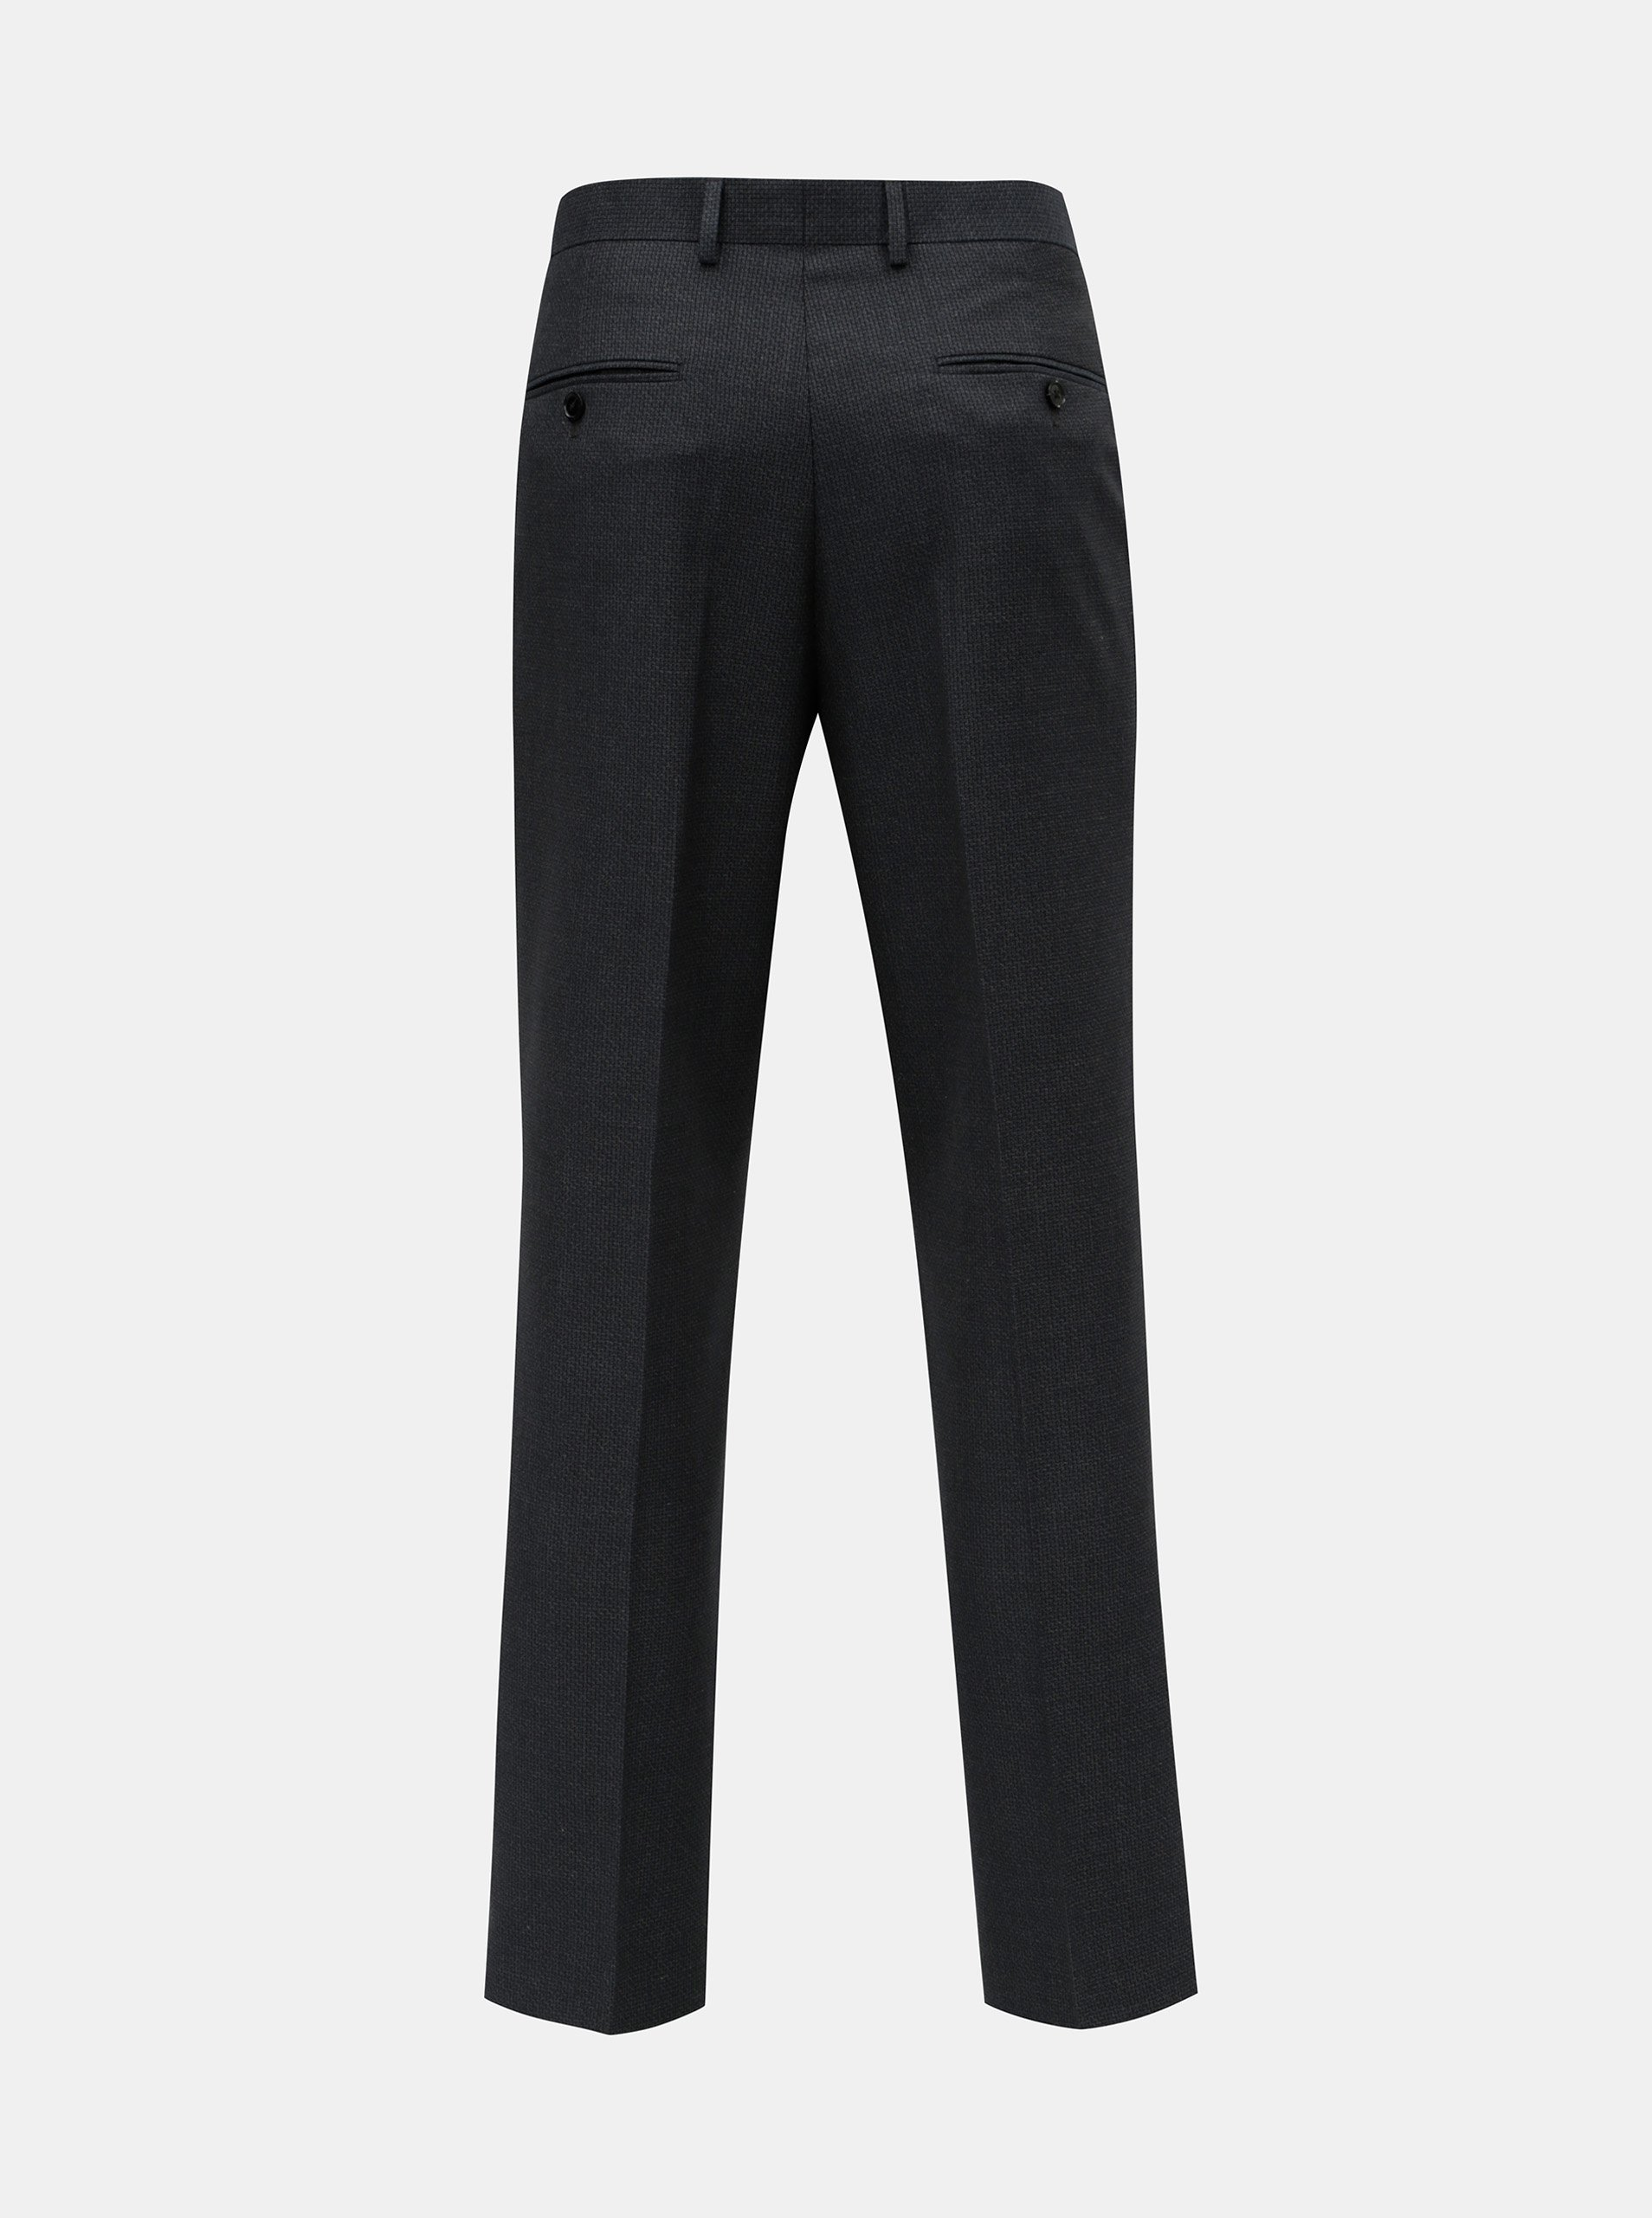 Tmavě modré oblekové kalhoty s puky Burton Menswear London